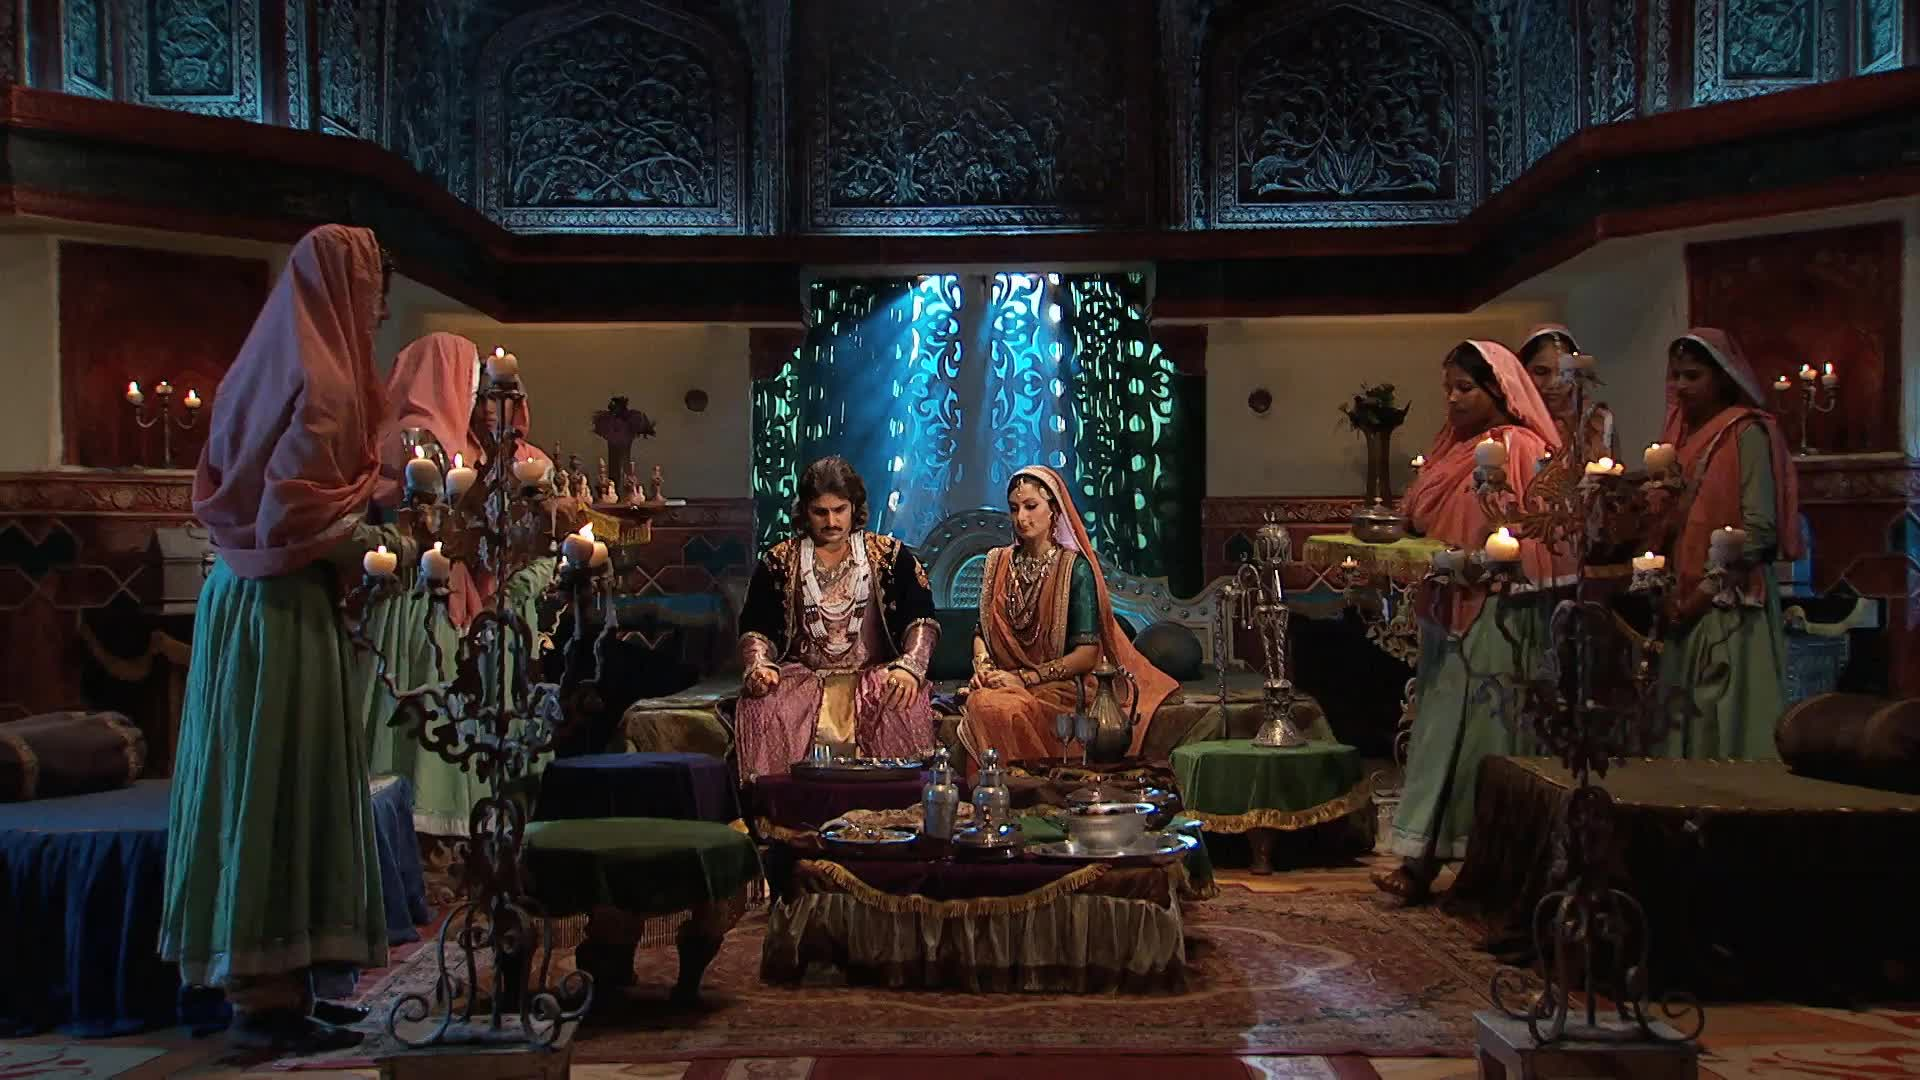 المسلسل الهندي التاريخي جودا أكبر الجزء الثاني (2013) [مدبلج] كامل 1080p تحميل تورنت 13 arabp2p.com